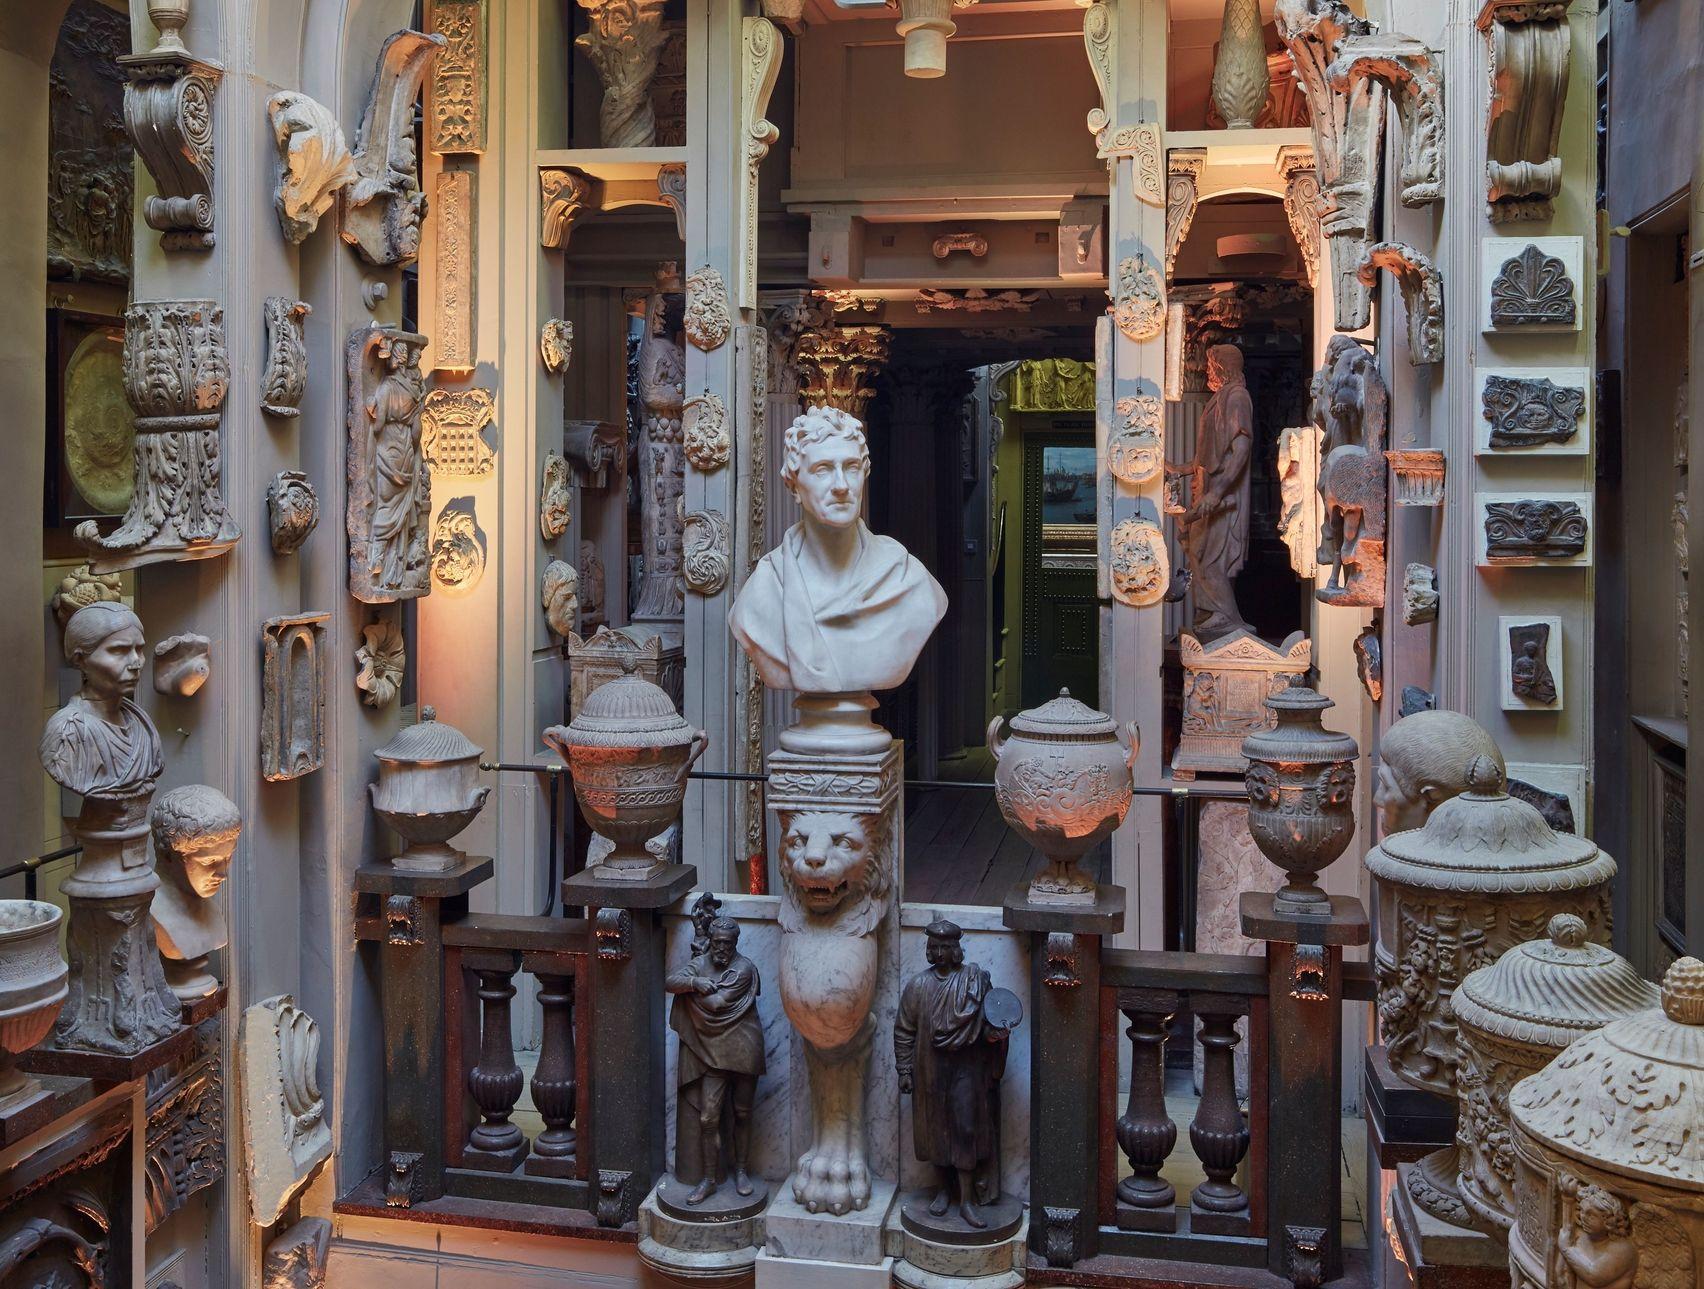 A room full of ceramic sculptures